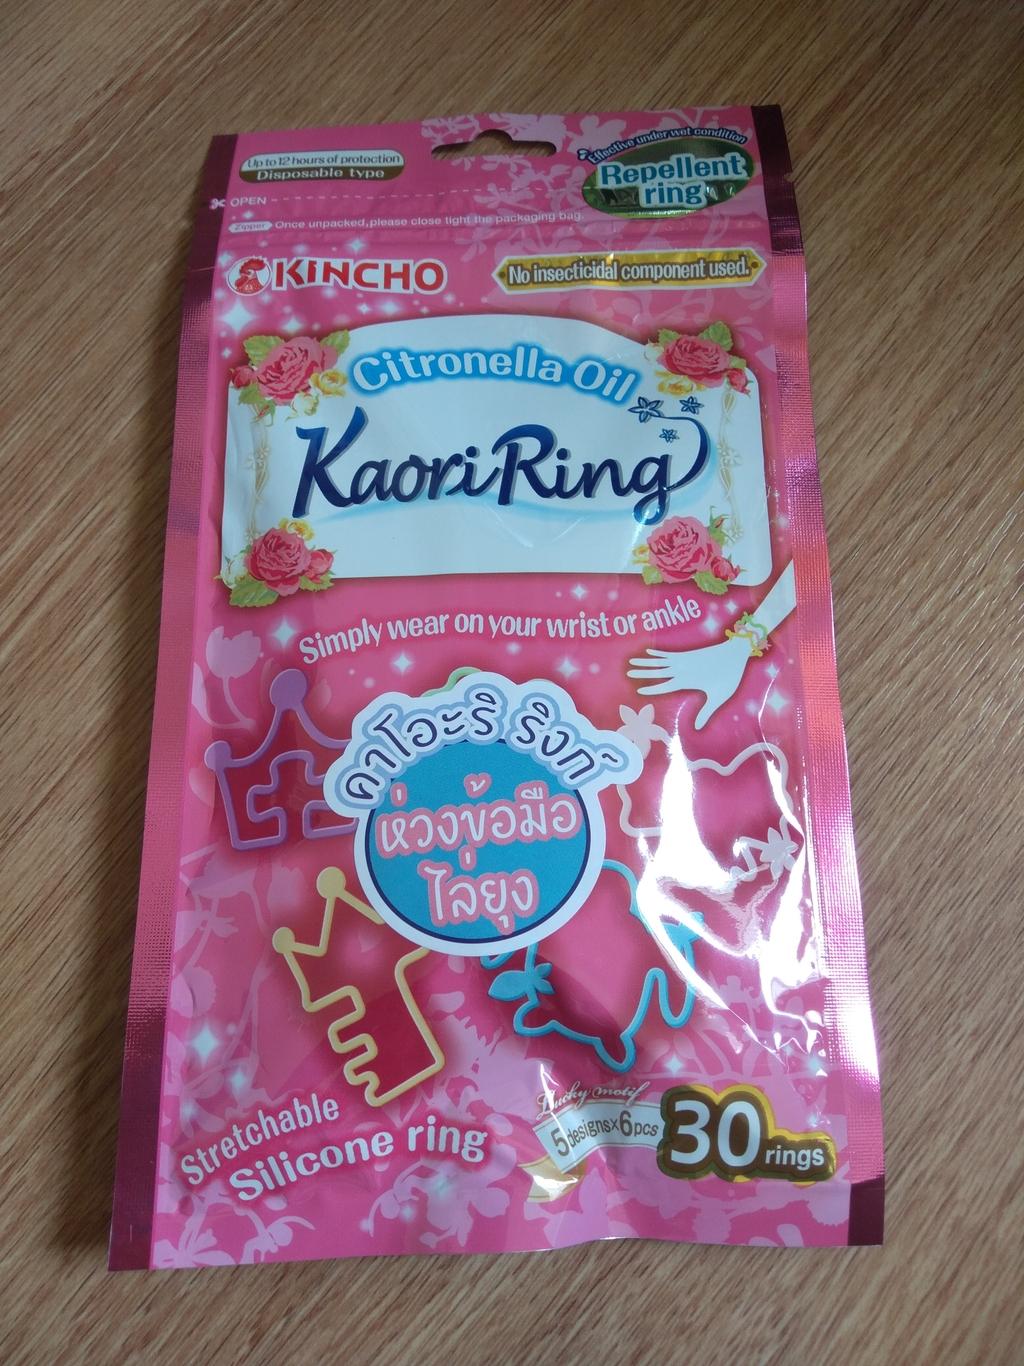 Kaori Ring ห่วงข้อมือไล่แมลงและยุง รีวิว